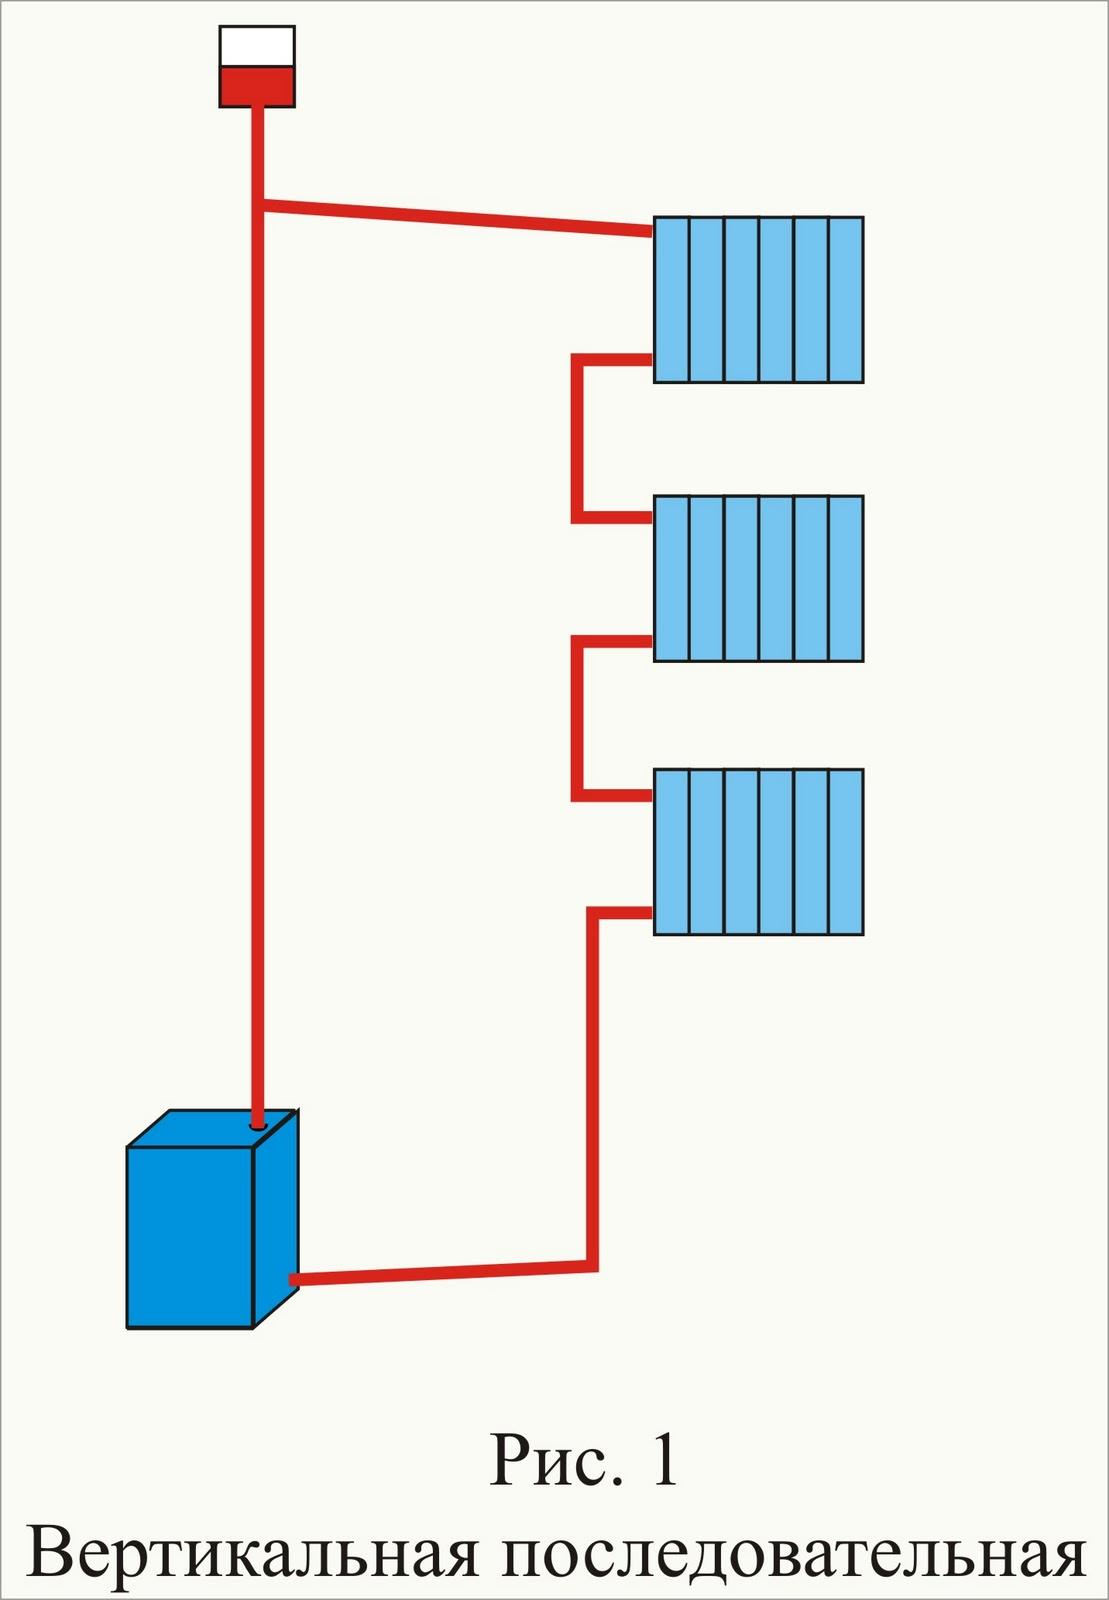 Отопление частного дома своими руками ленинградка открытого типа